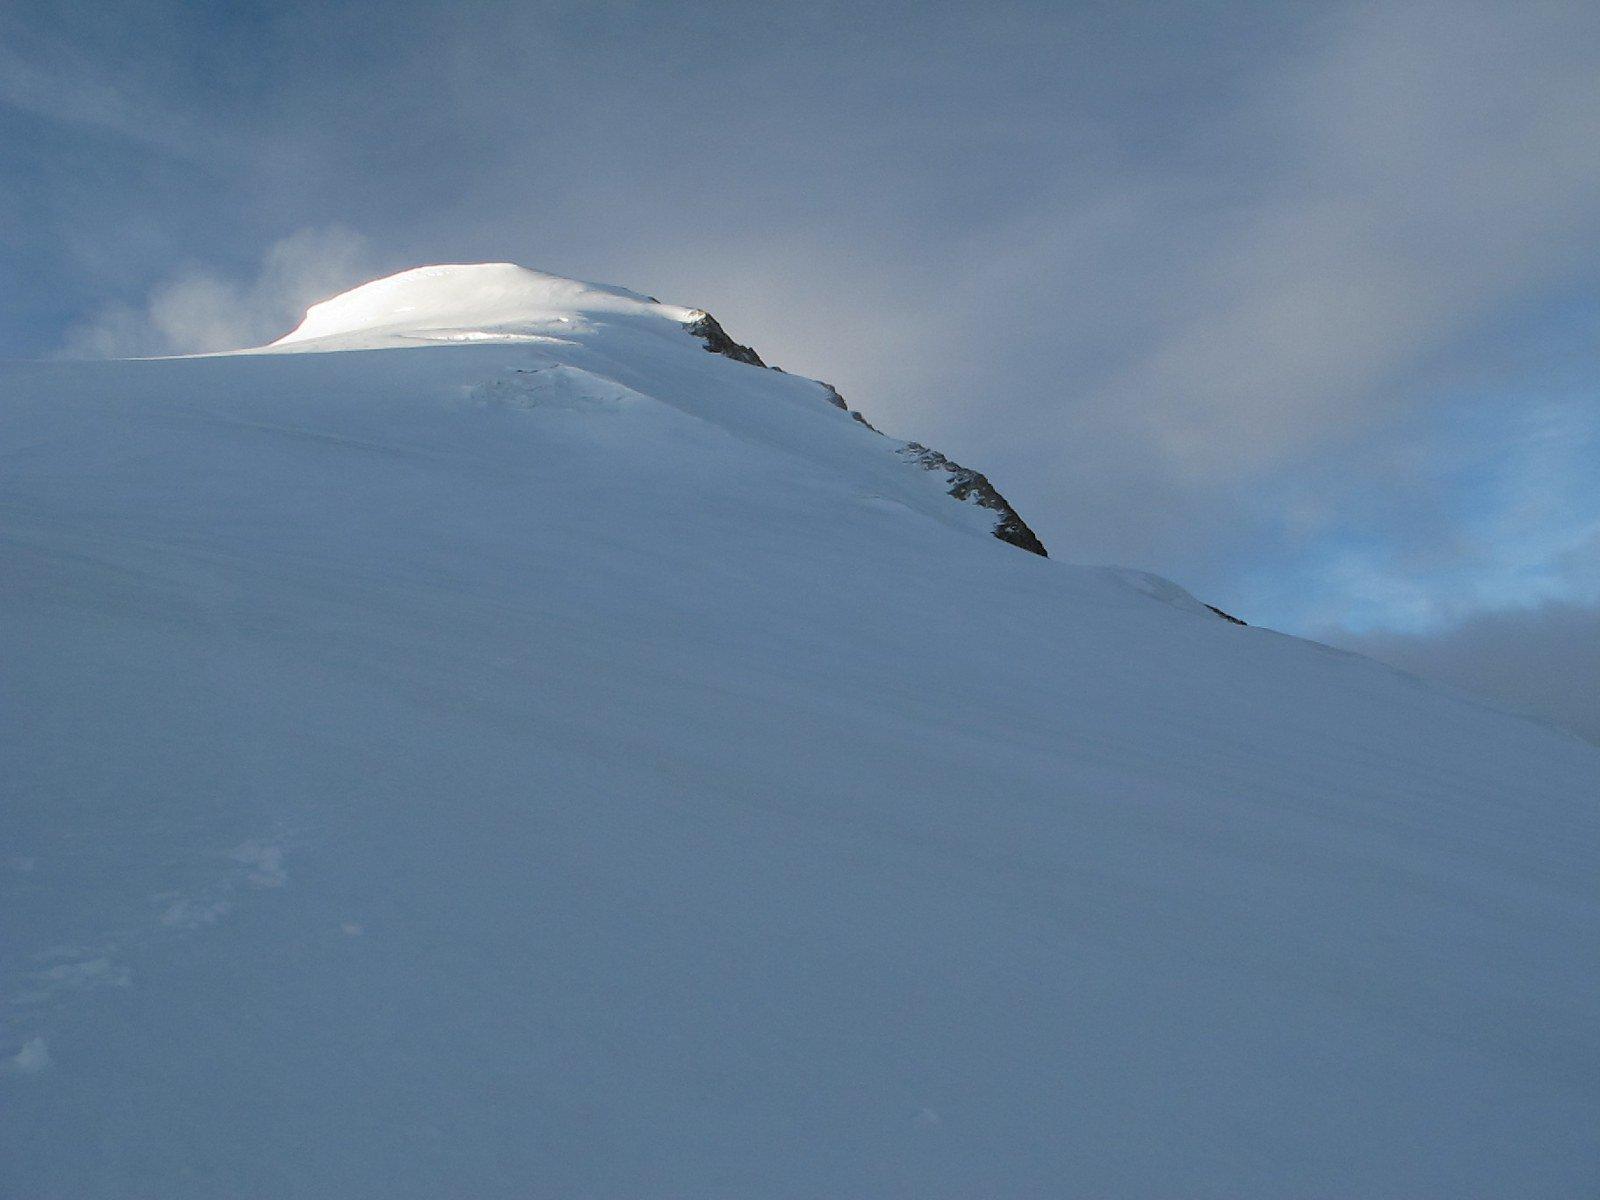 La cima vista dal Turtmanngletscher